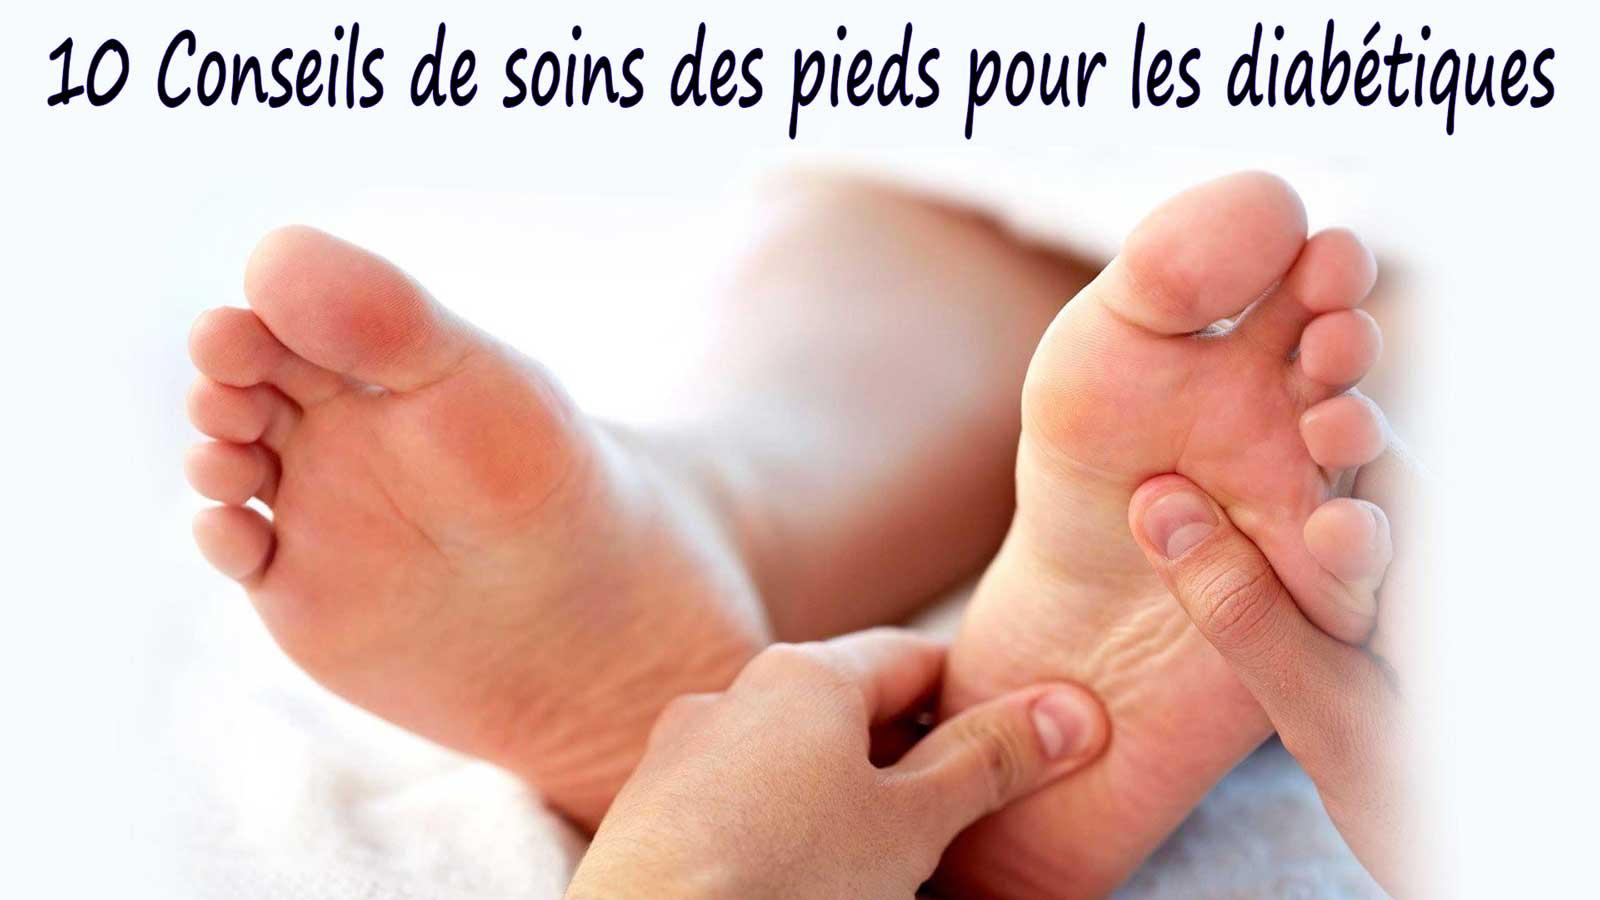 10 Conseils de soins des pieds pour les diabétiques